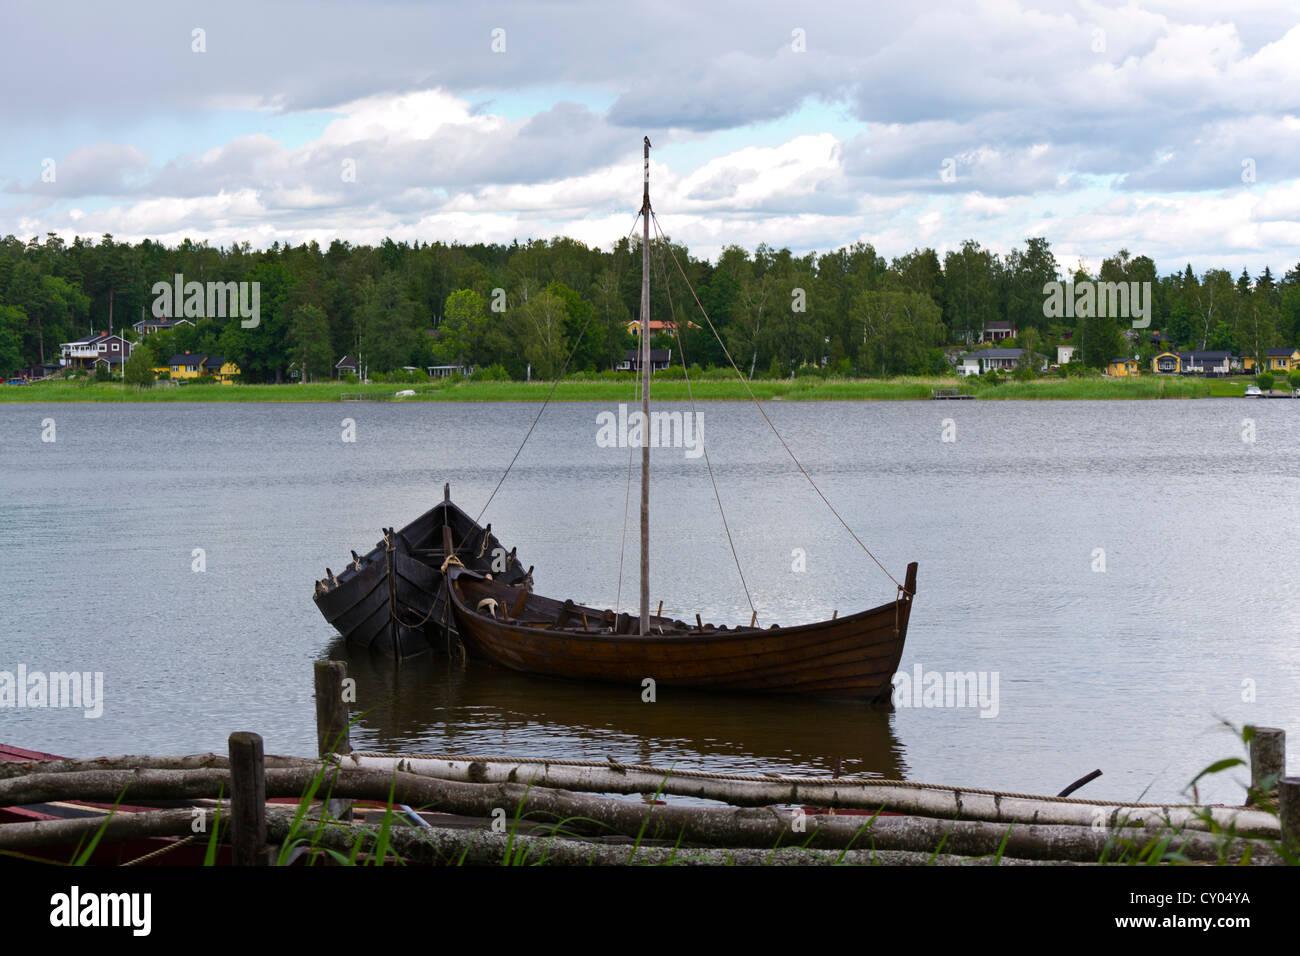 Wooden viking sail ships - Stock Image